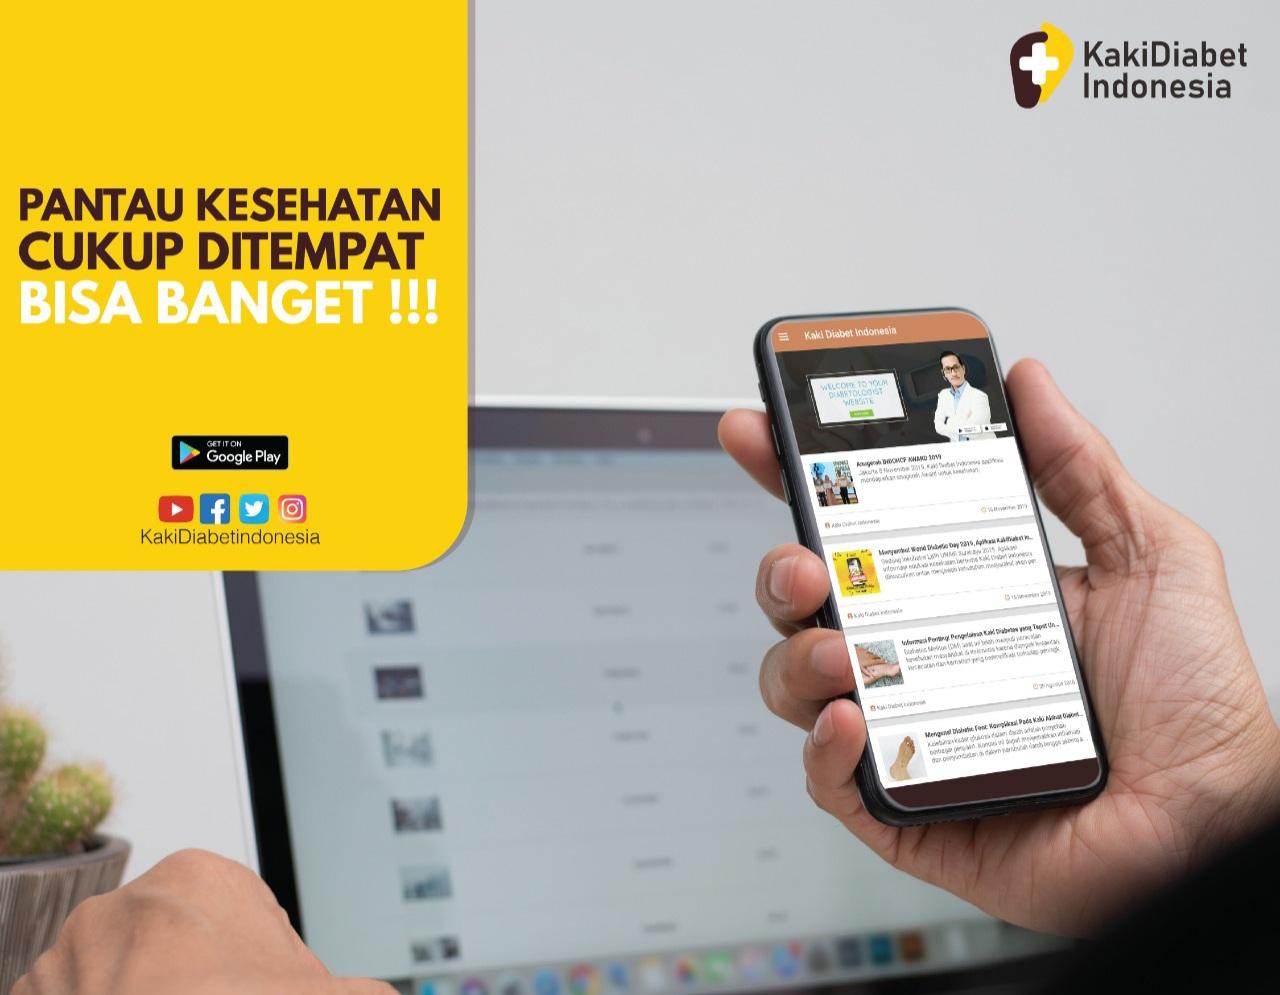 https://kakidiabetindonesia.com/images/blog/BLOG__semangat-digital-kesehatan-untuk-kaki-diabet-di-indonesia__20201206082413.jpg